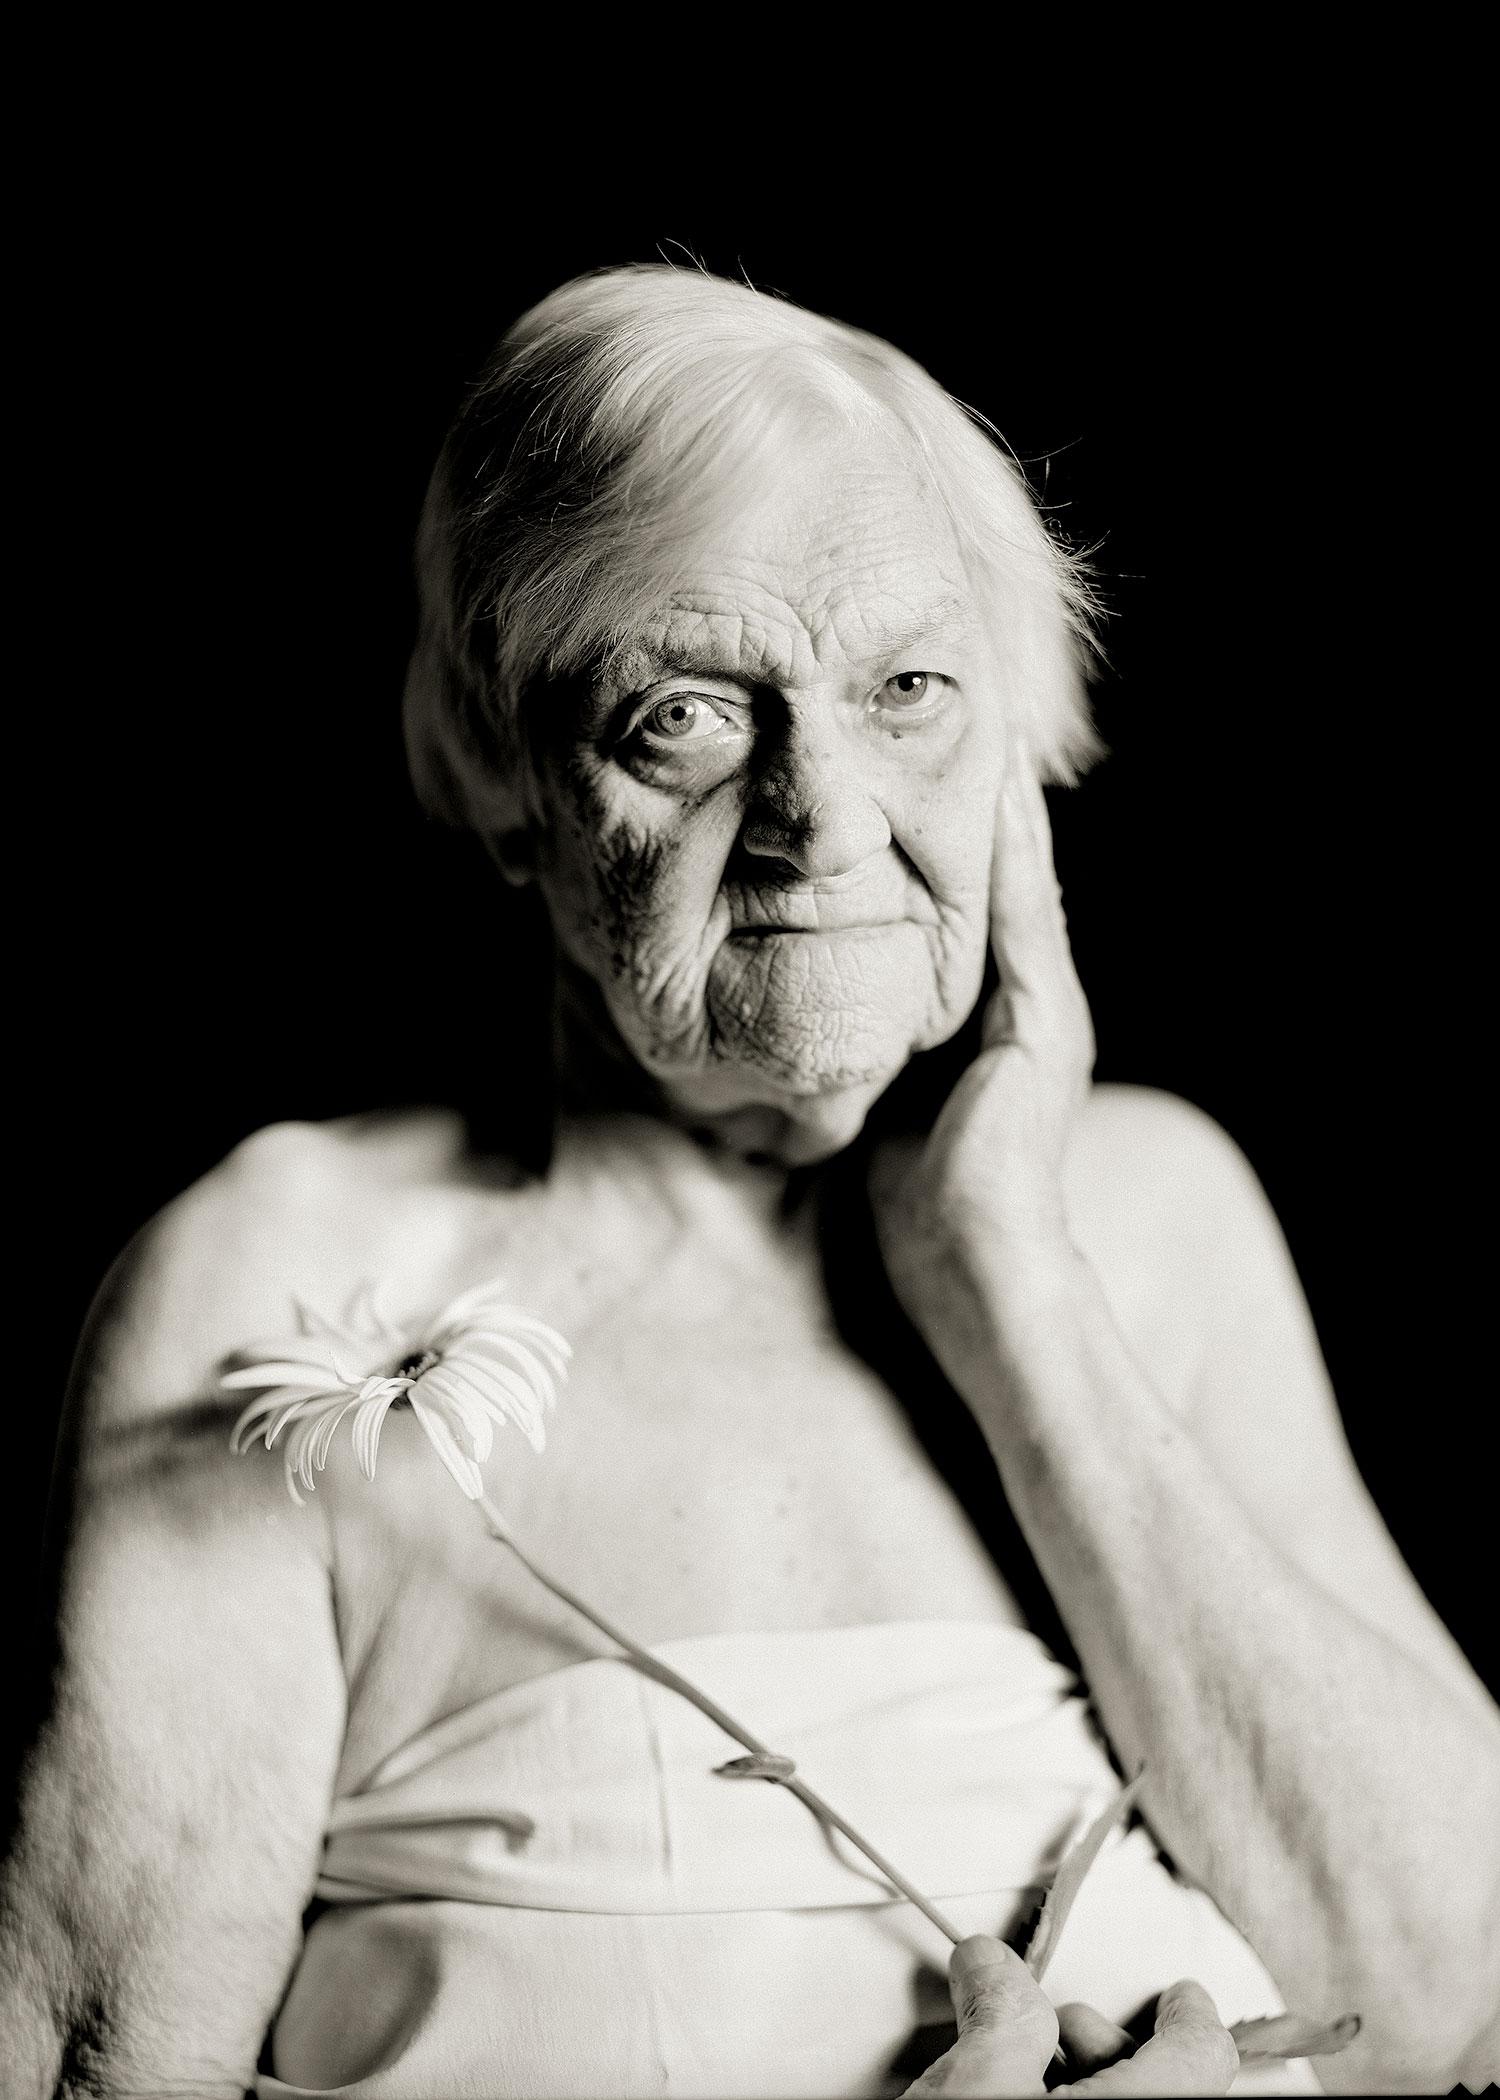 Olga 91 years old.